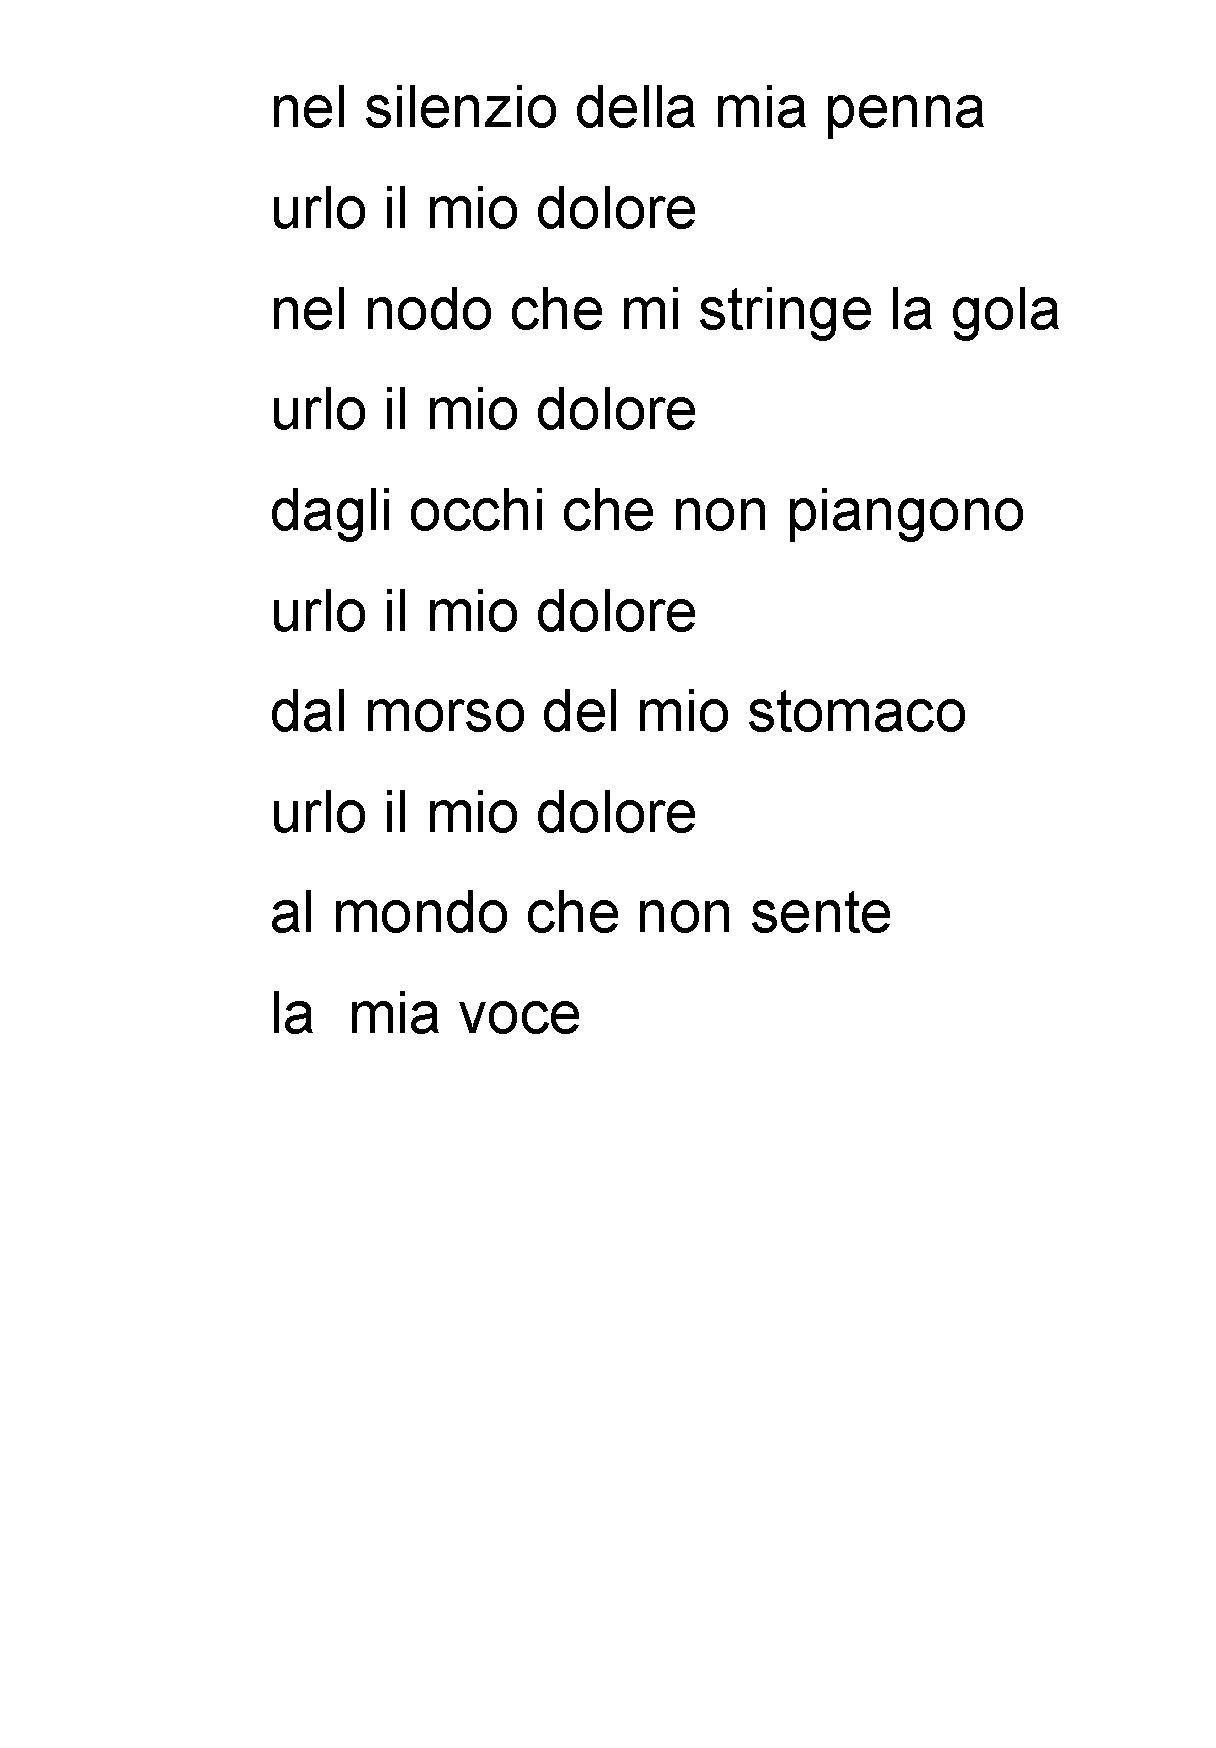 URLO Arleen Scammacca